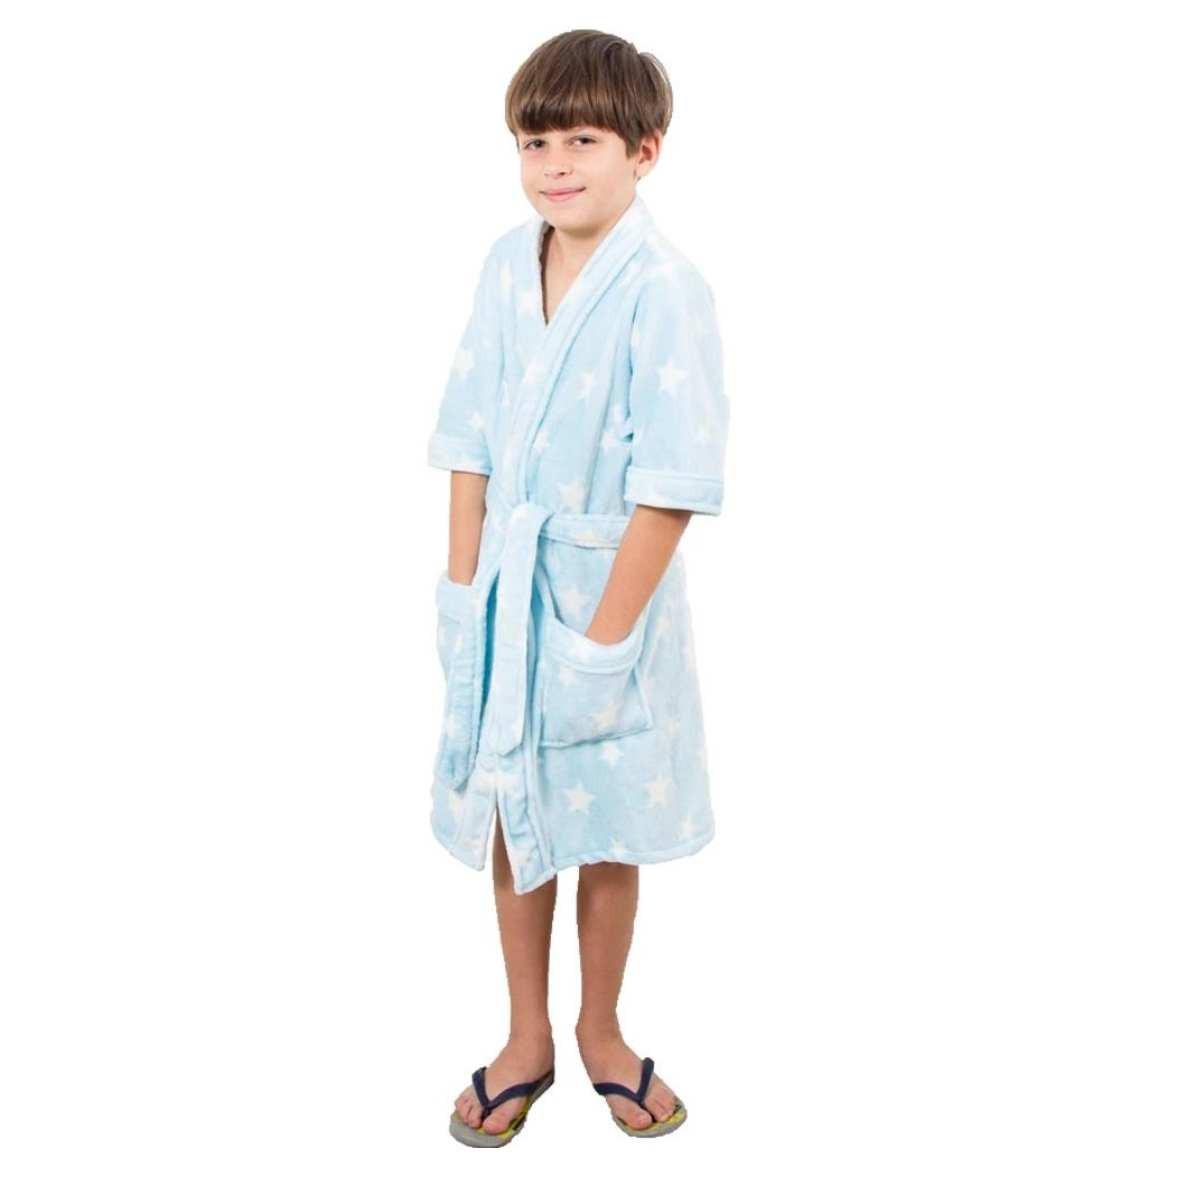 Roupao infantil zucch m Azul